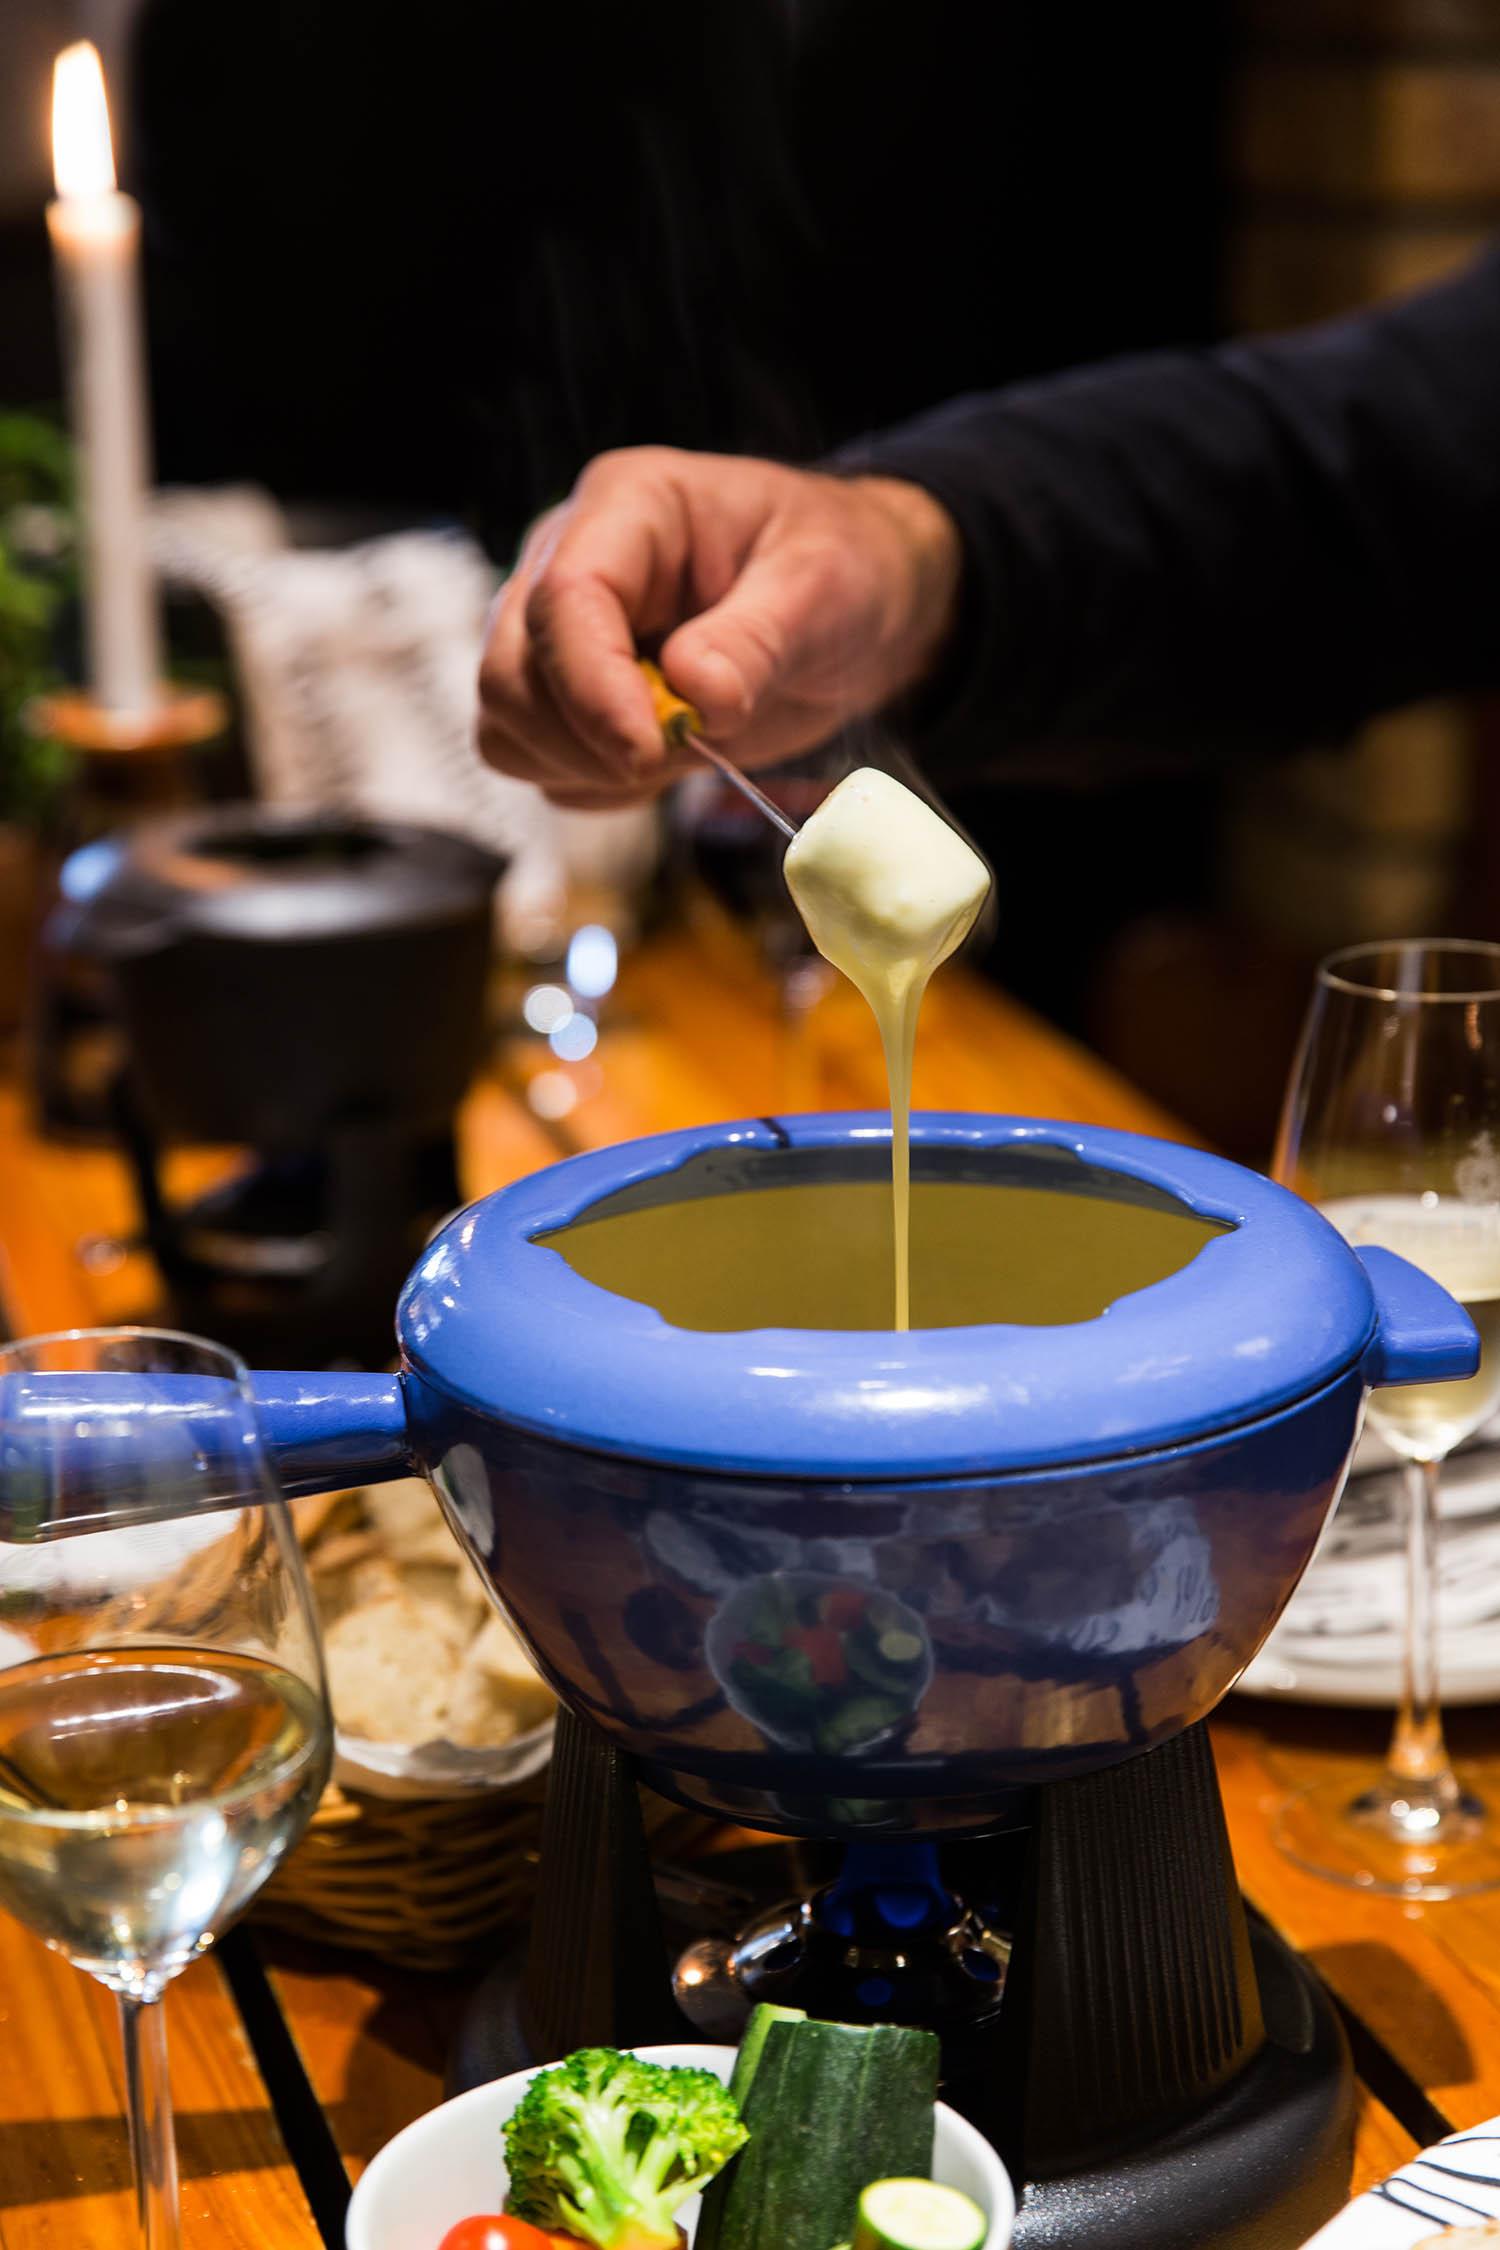 Cheese fondue at delheim